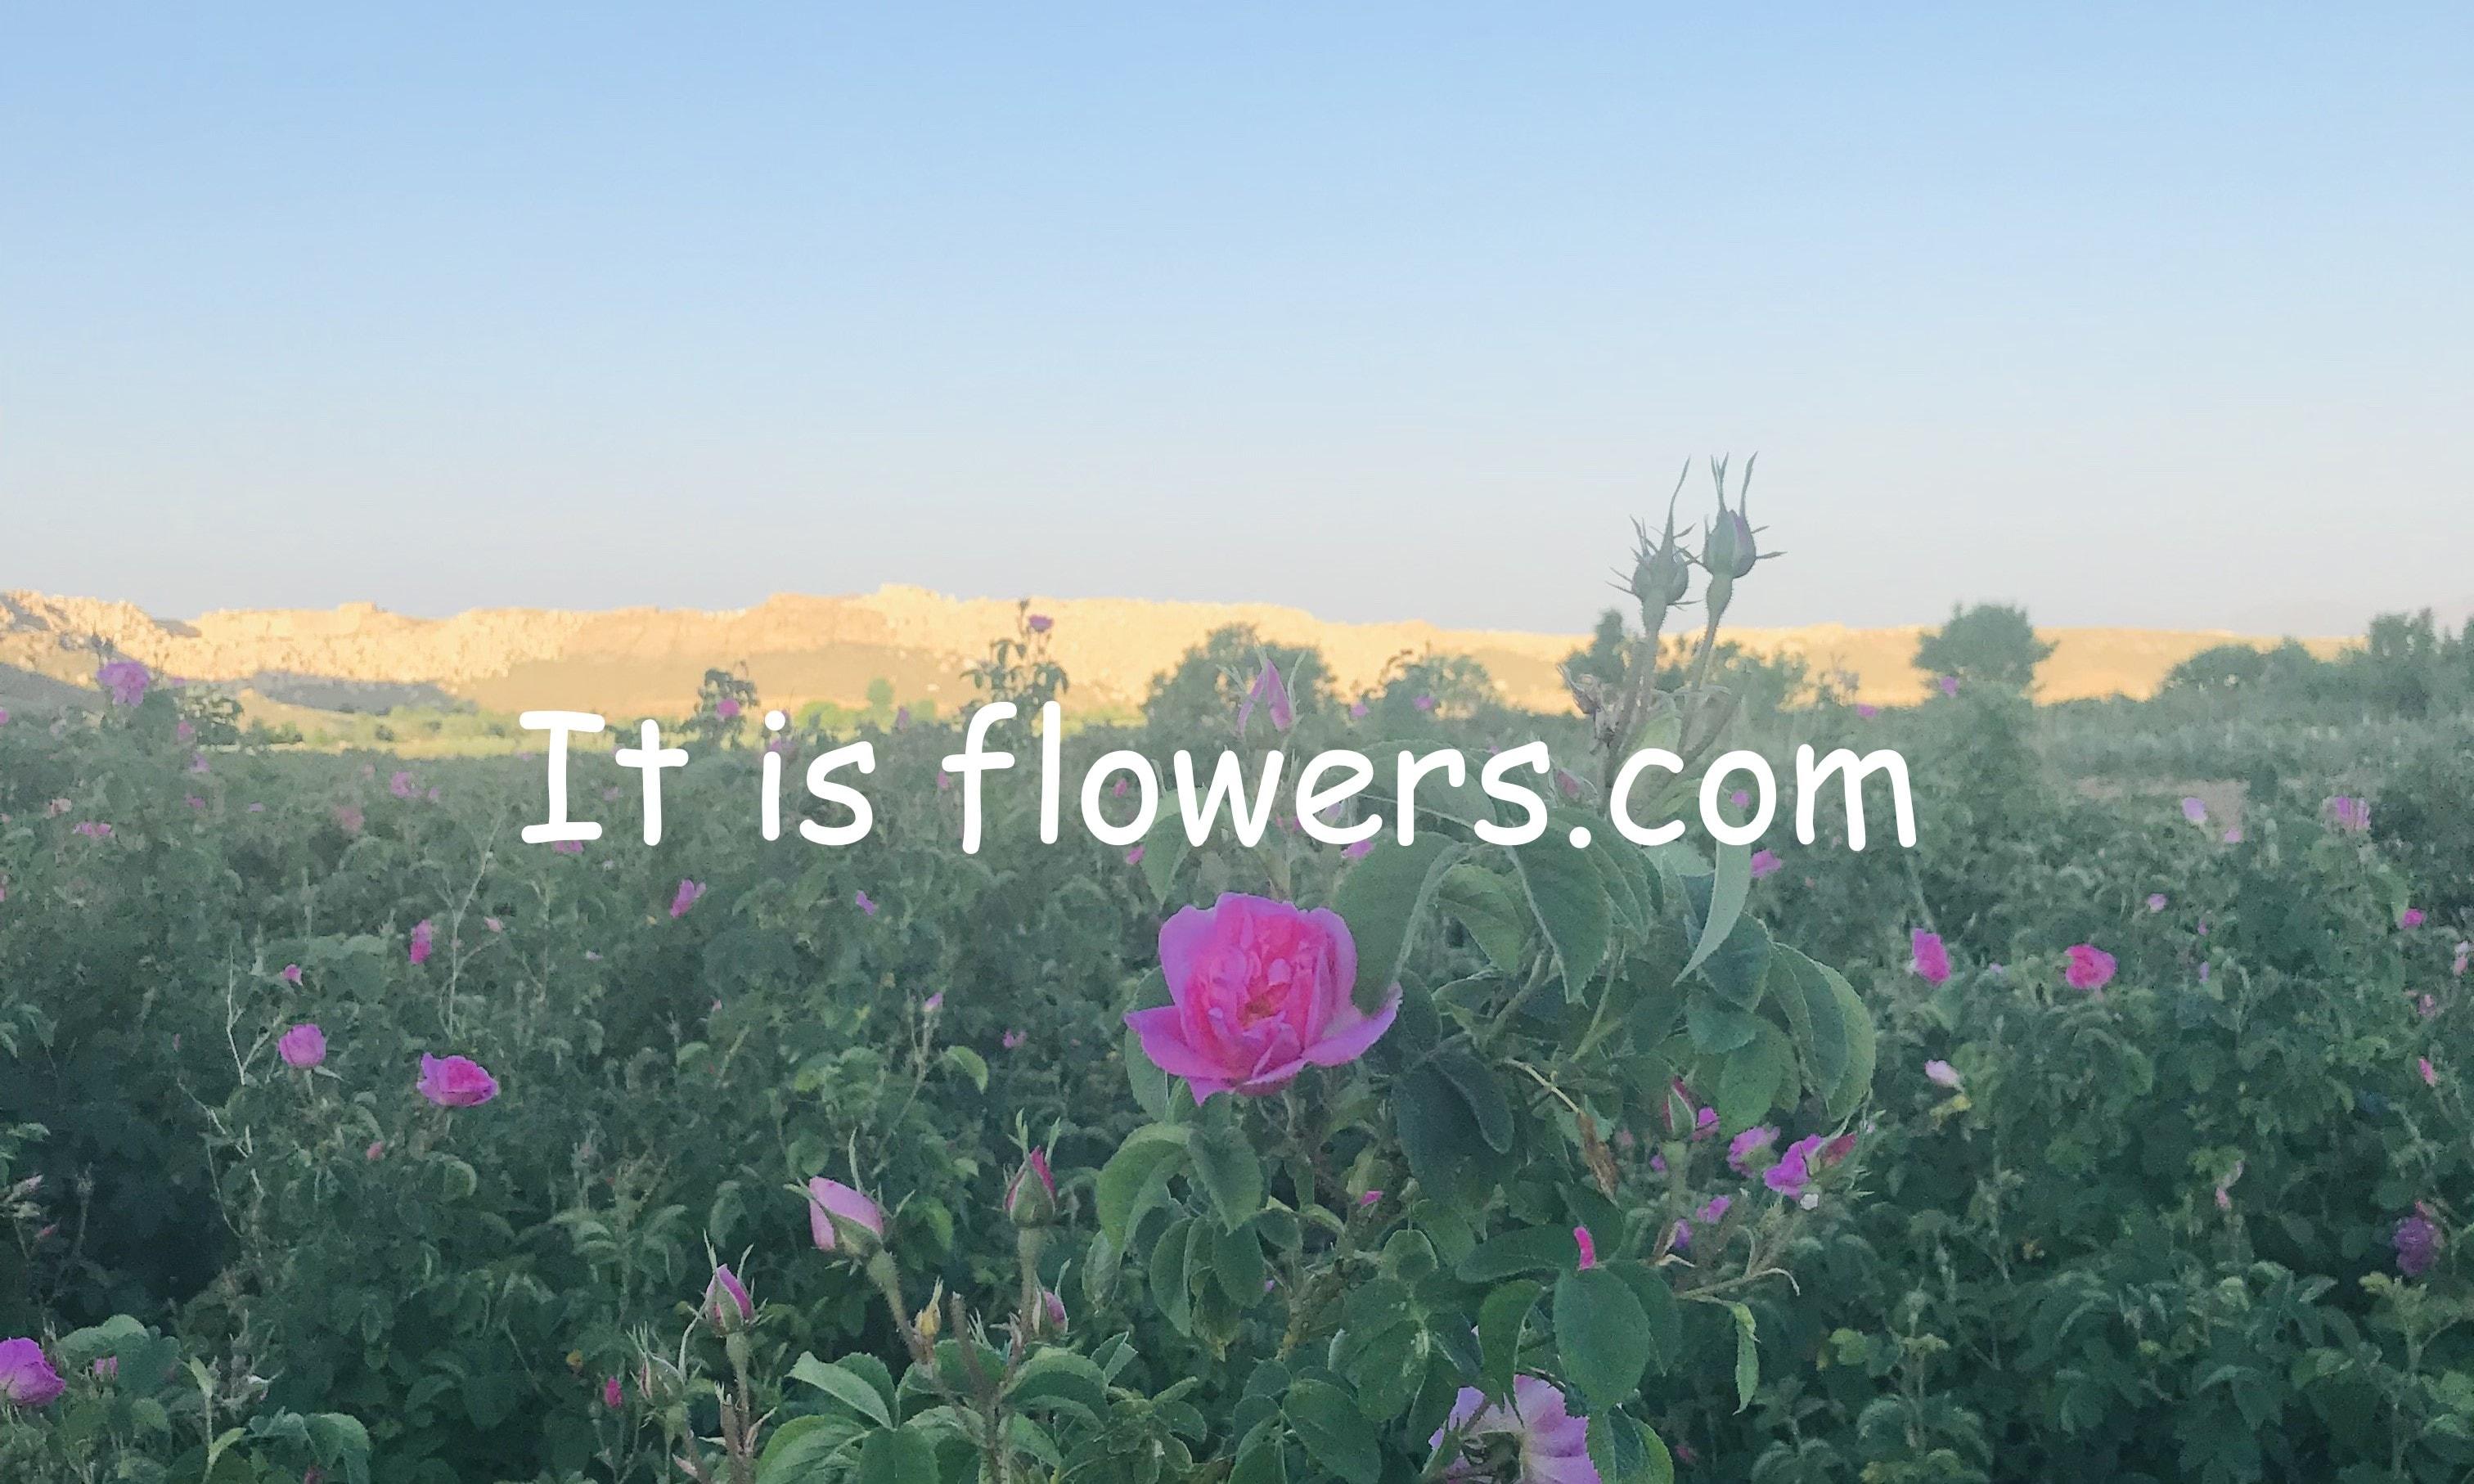 It is flowers